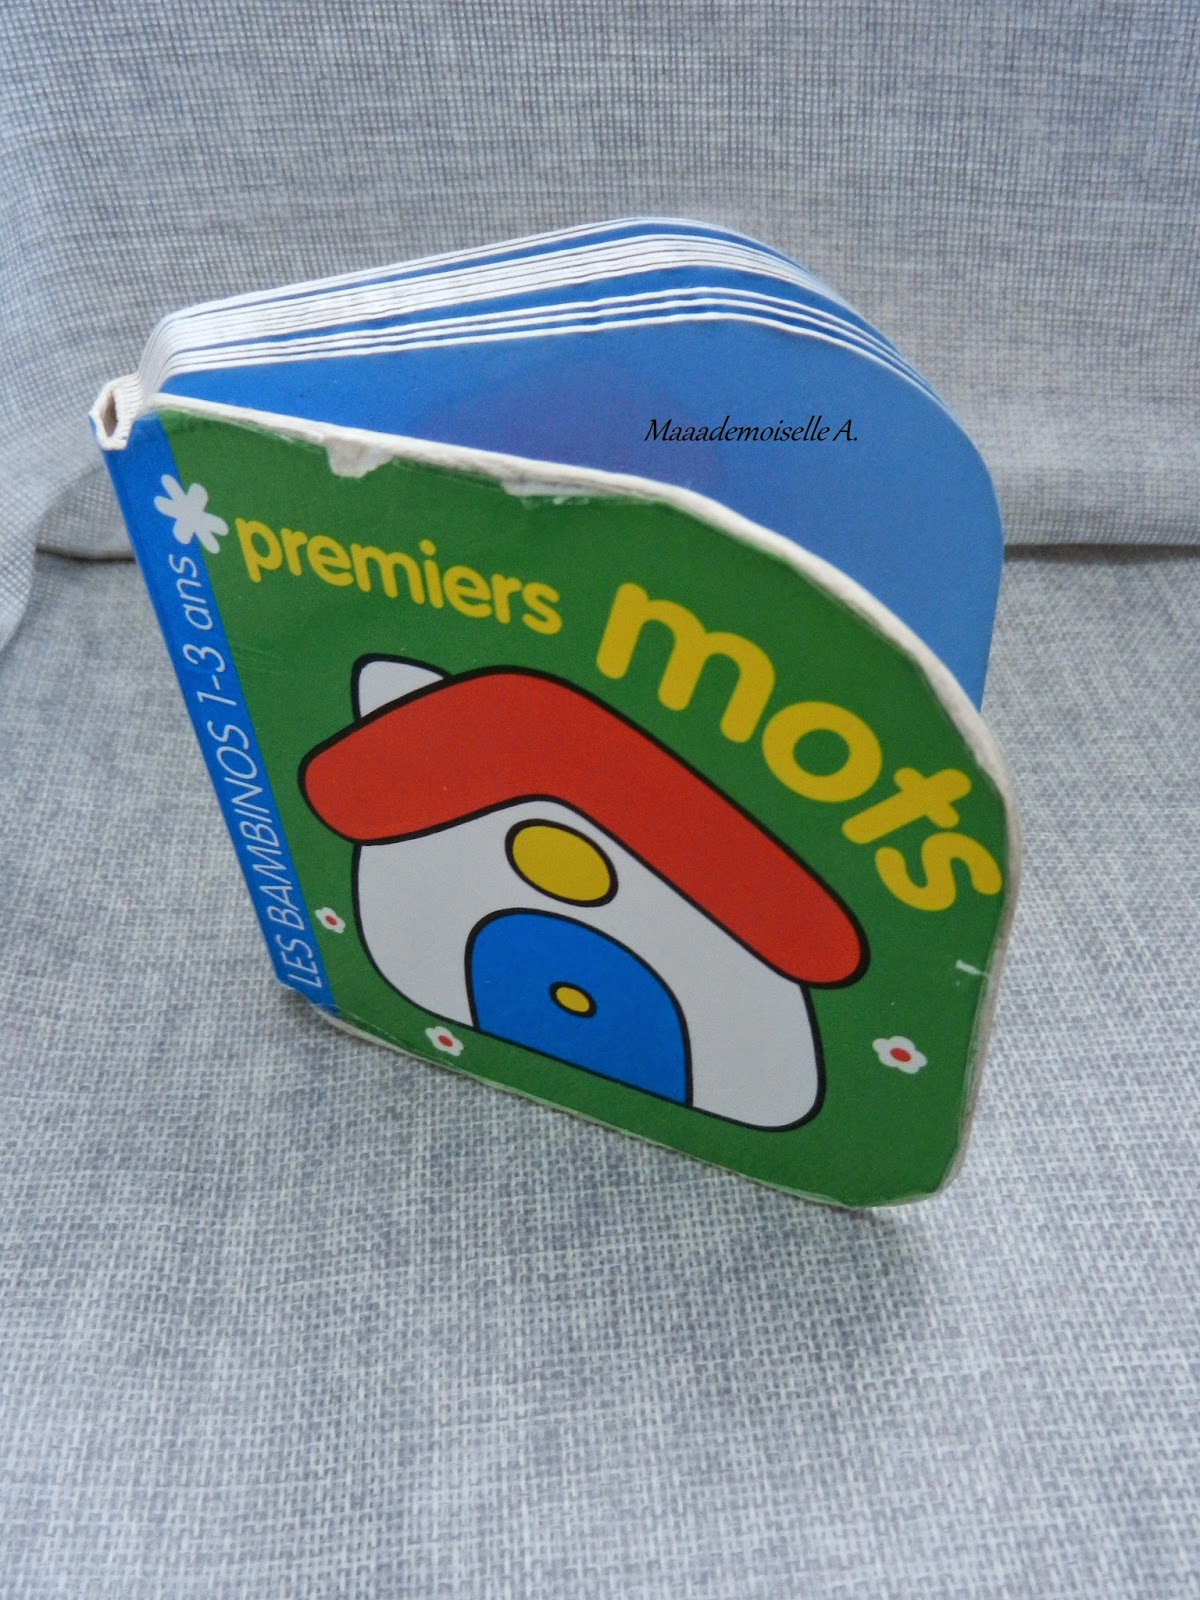 Livre pour bébé : Premiers mots (Présentation & Avis)(Chut, les enfants lisent #3)